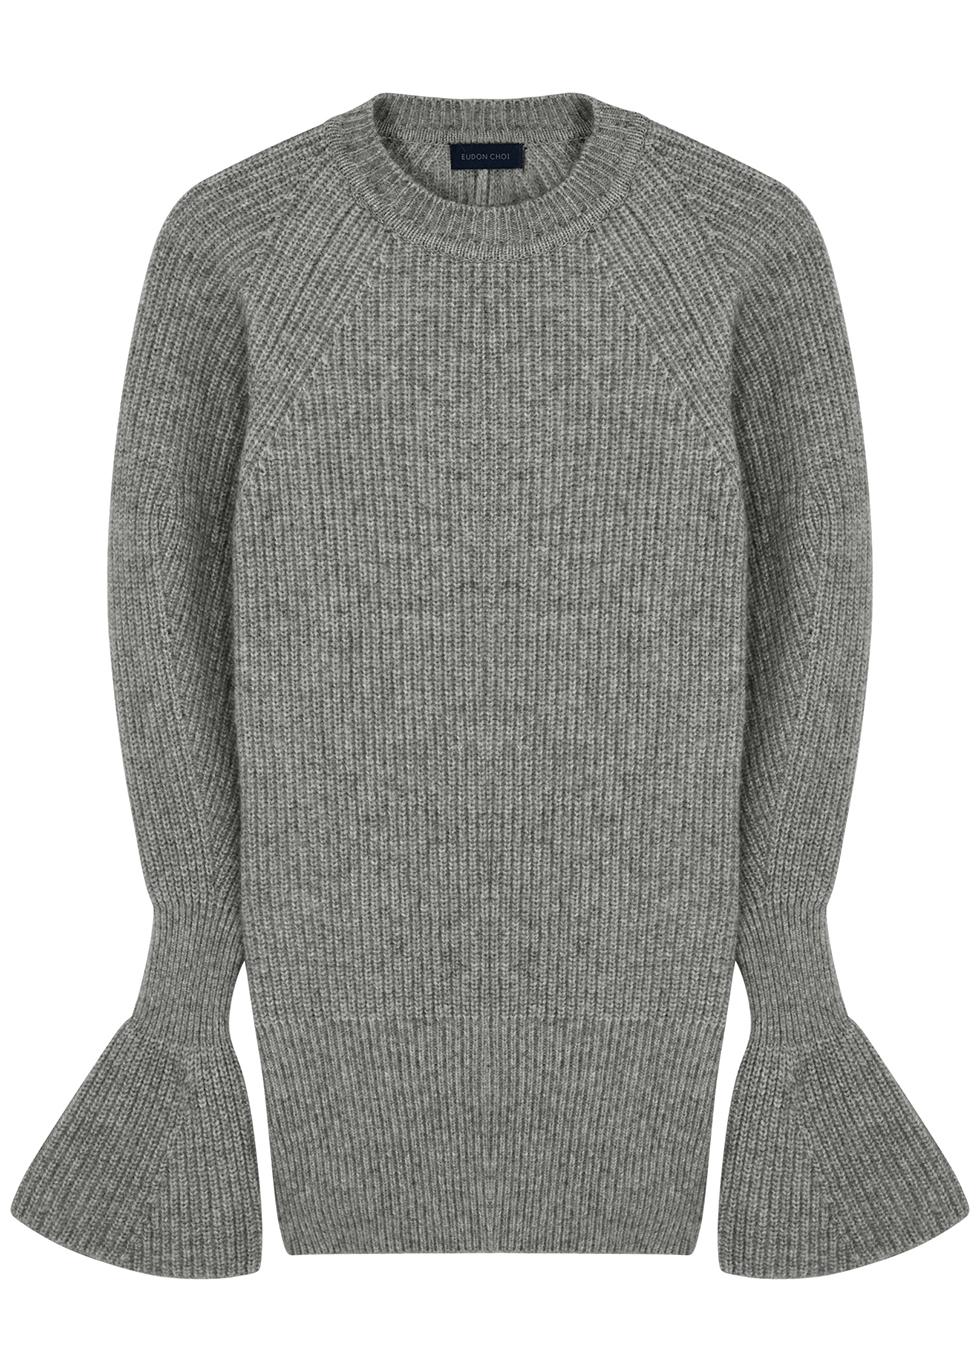 Kaya grey open-back stretch-knit jumper